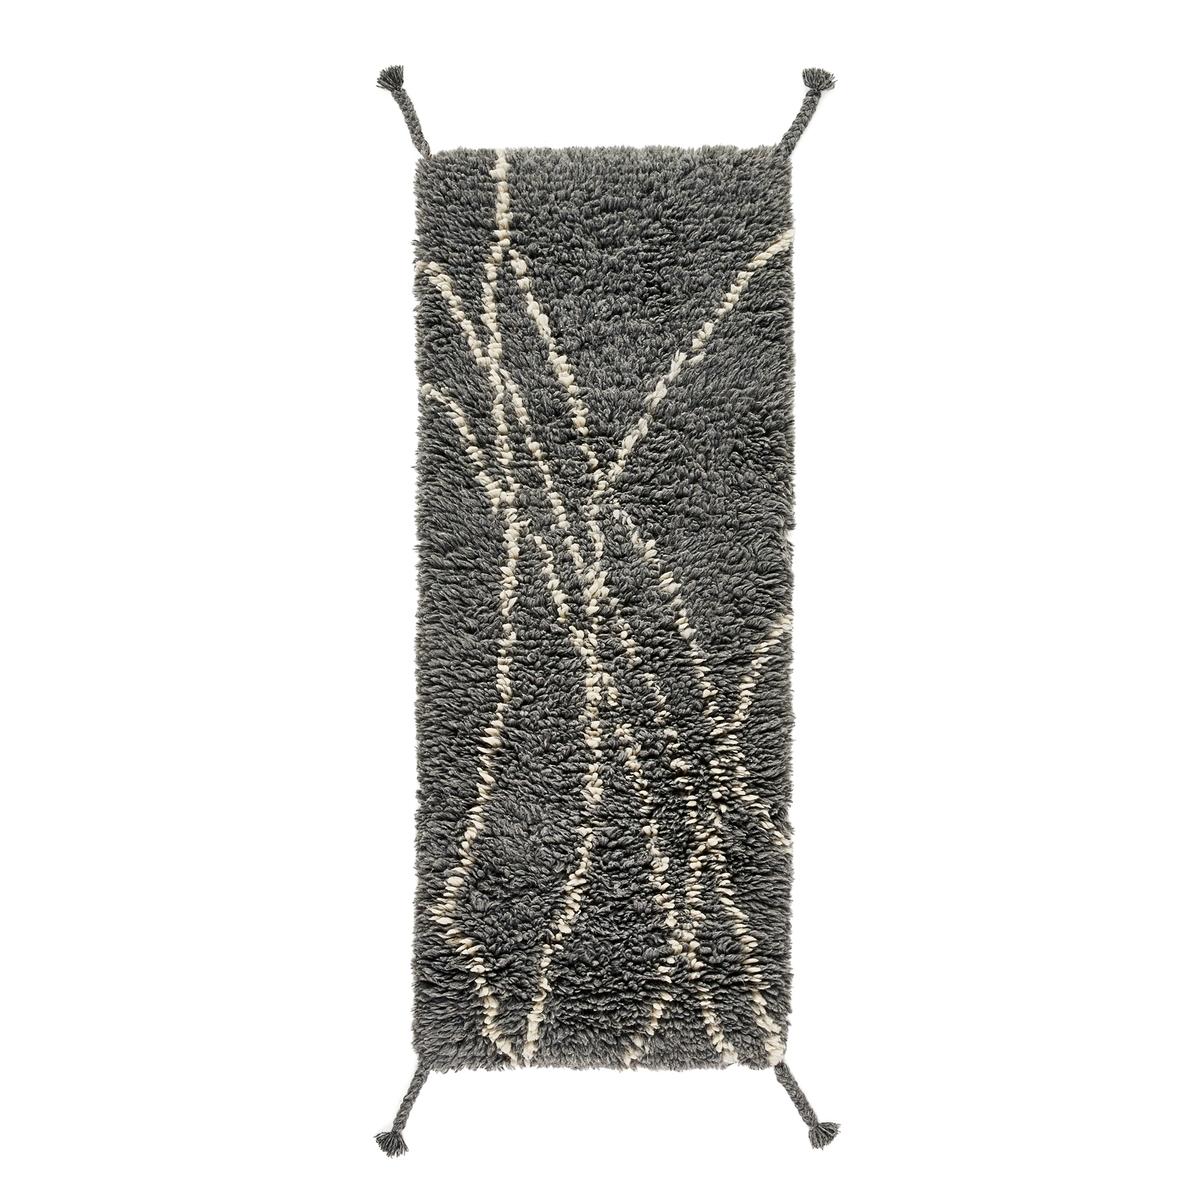 Ковер La Redoute Для коридора в берберском стиле из шерсти Louka 80 x 200 см серый